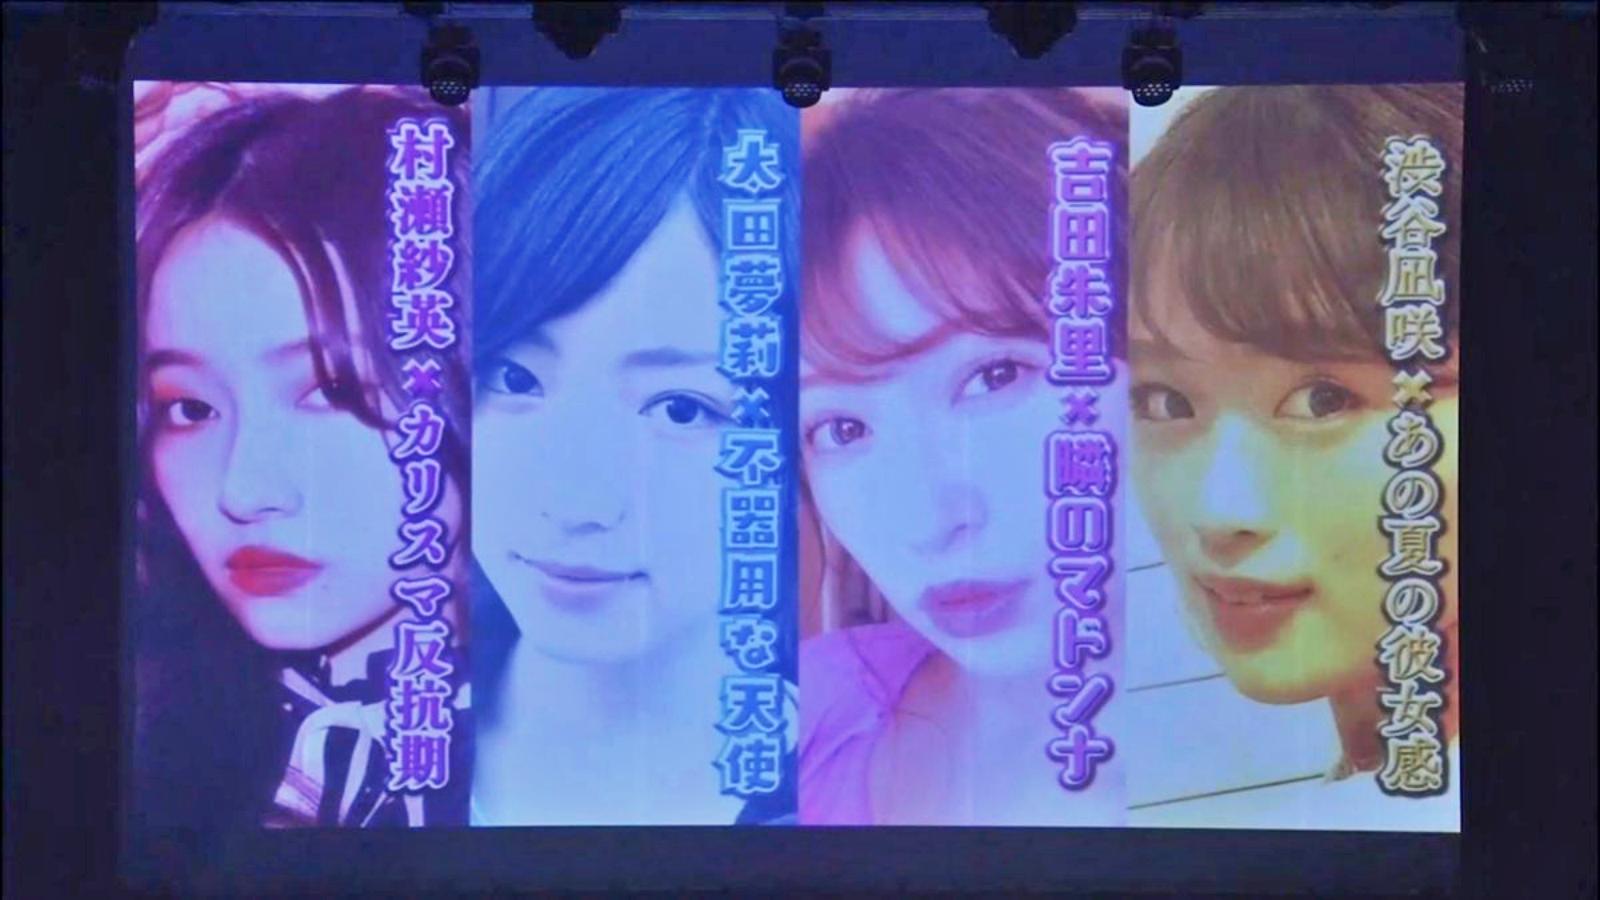 【吉田朱里/村瀬紗英/太田夢莉/渋谷凪咲】4/11 Queentet Spring LIVE 2019 @ ZeppNamba・セットリストと画像【更新中】